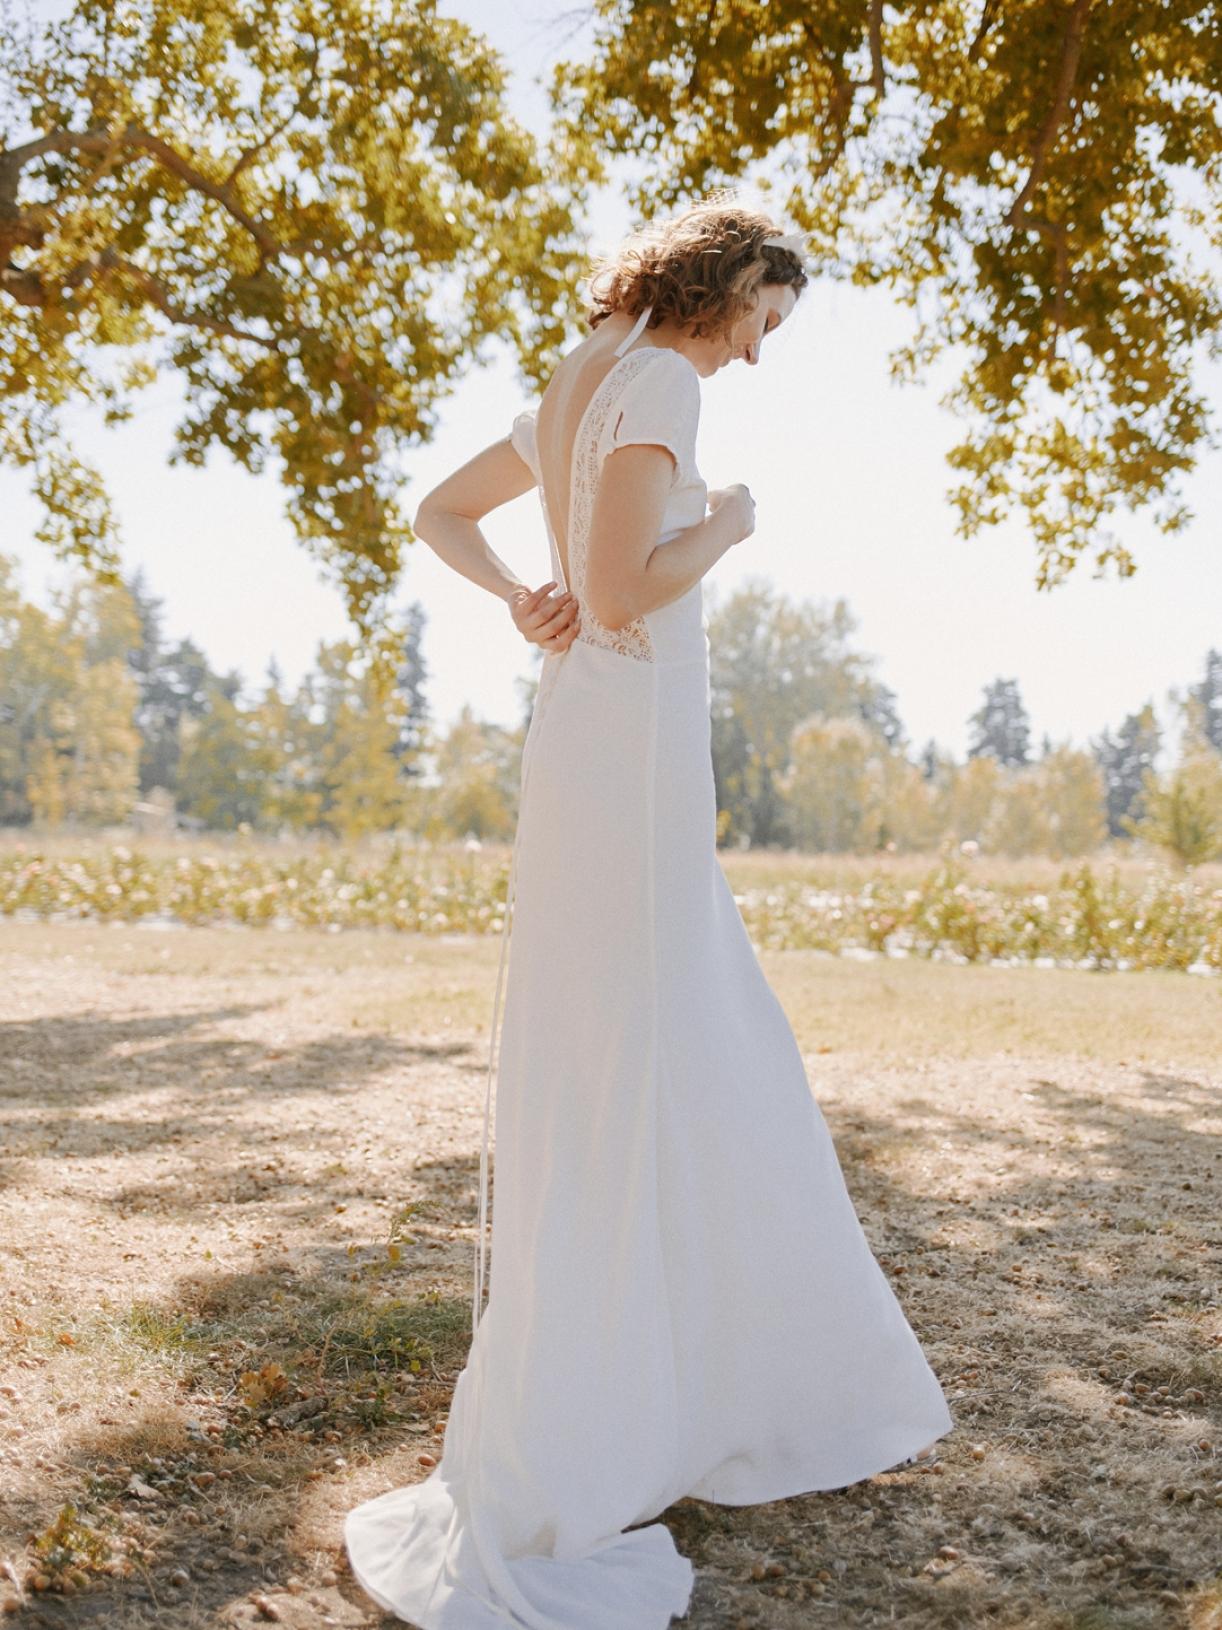 ELENA - robe sirène en dentelle décolletée dans le dos - Robe de mariée créateur et sur-mesure pas cher a Paris - Myphilosophy